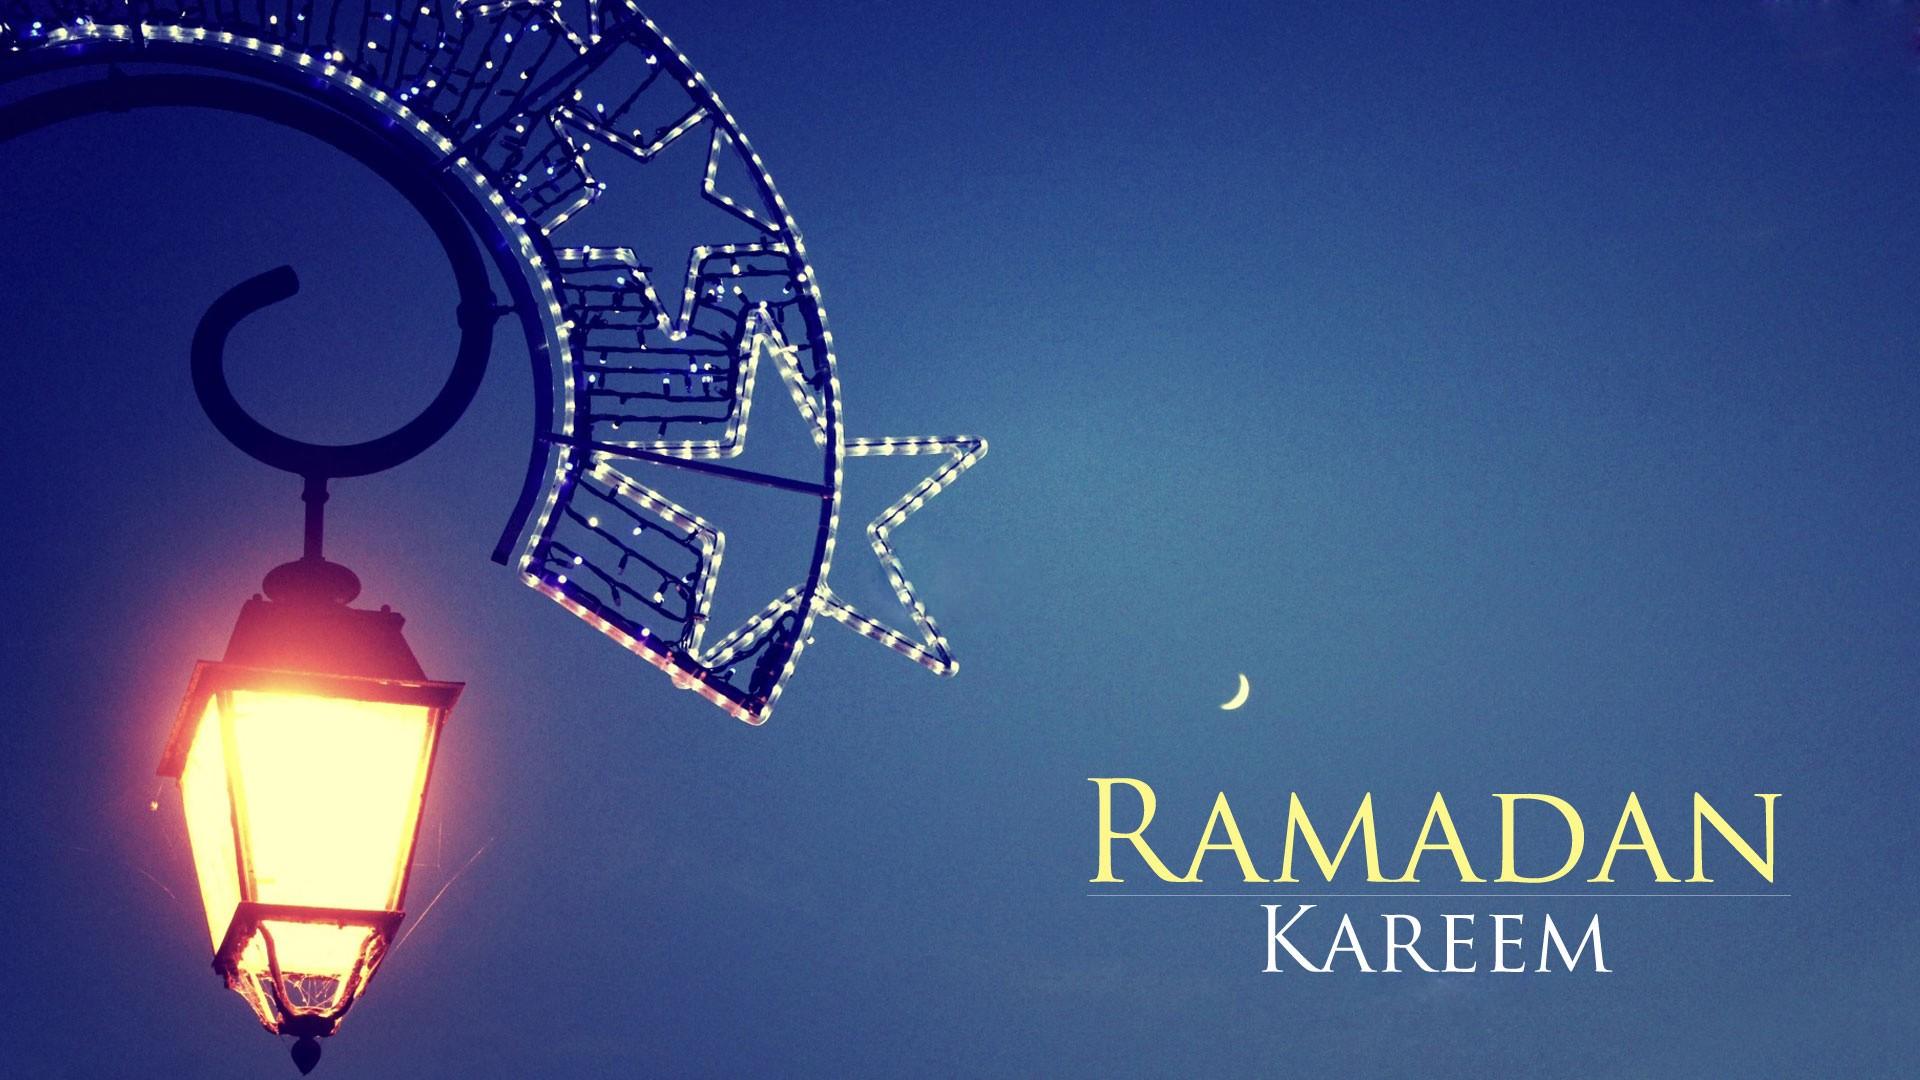 Когда начинается праздник рамадан в 2018 году и когда заканчивается